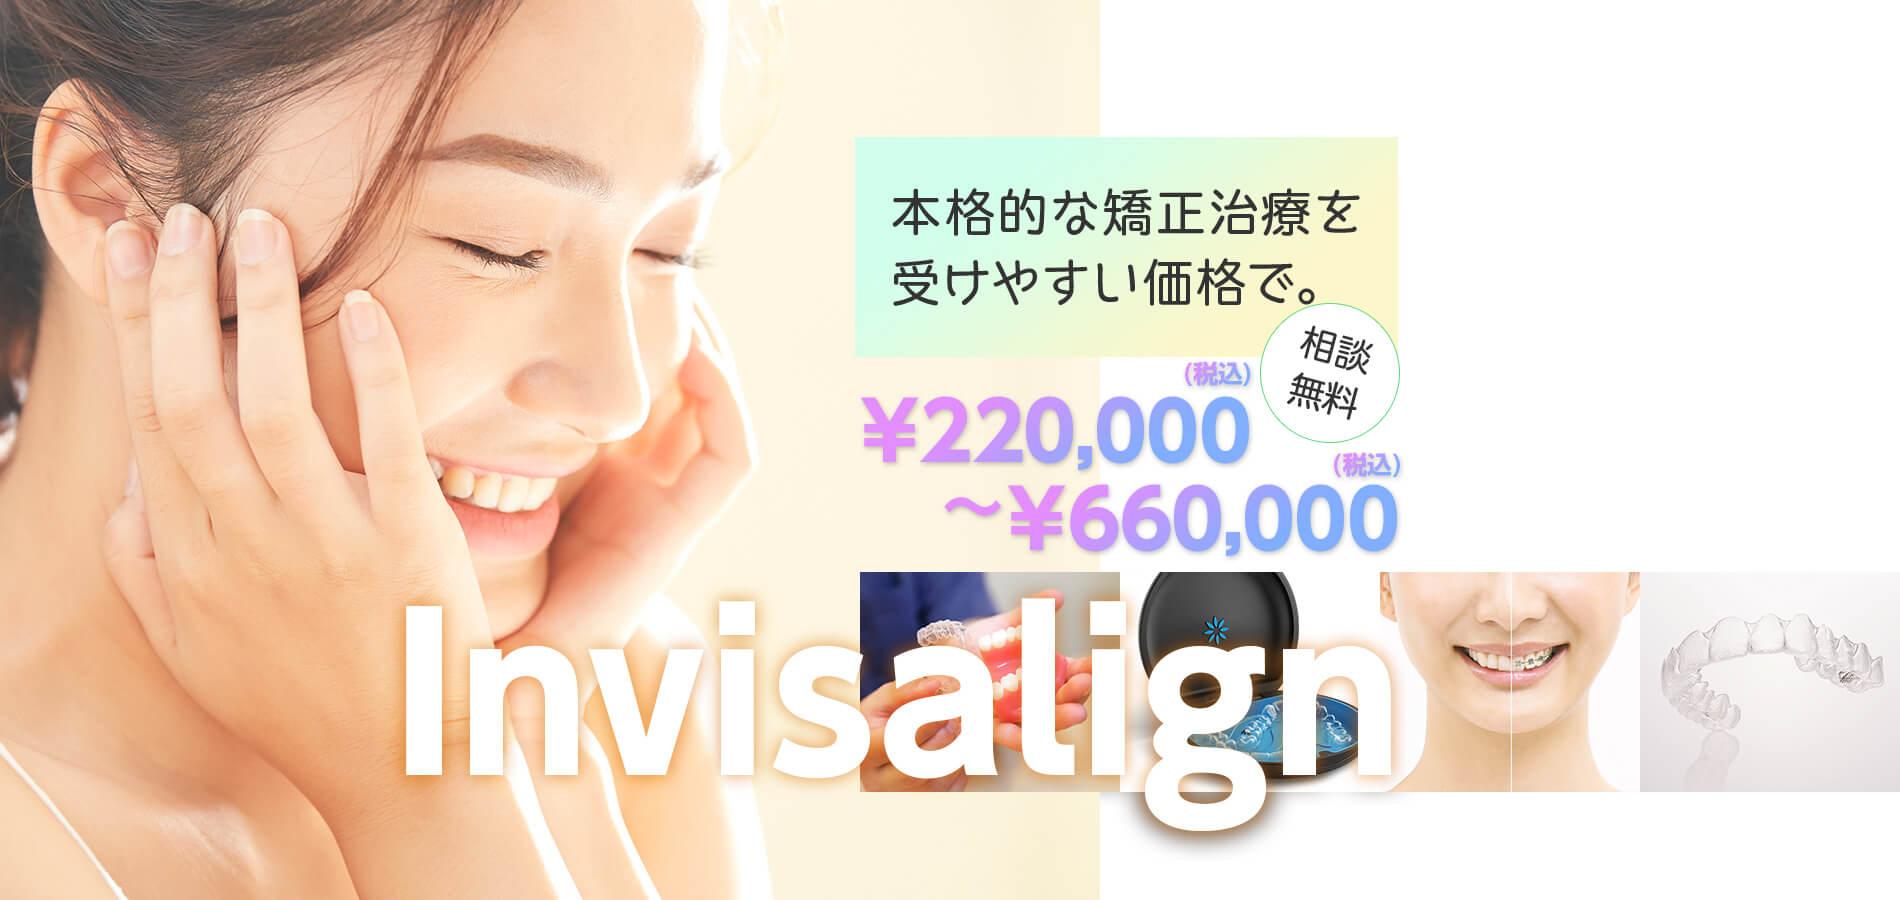 本格的な矯正治療を受けやすい価格で。¥200,000~¥600,000 相談無料